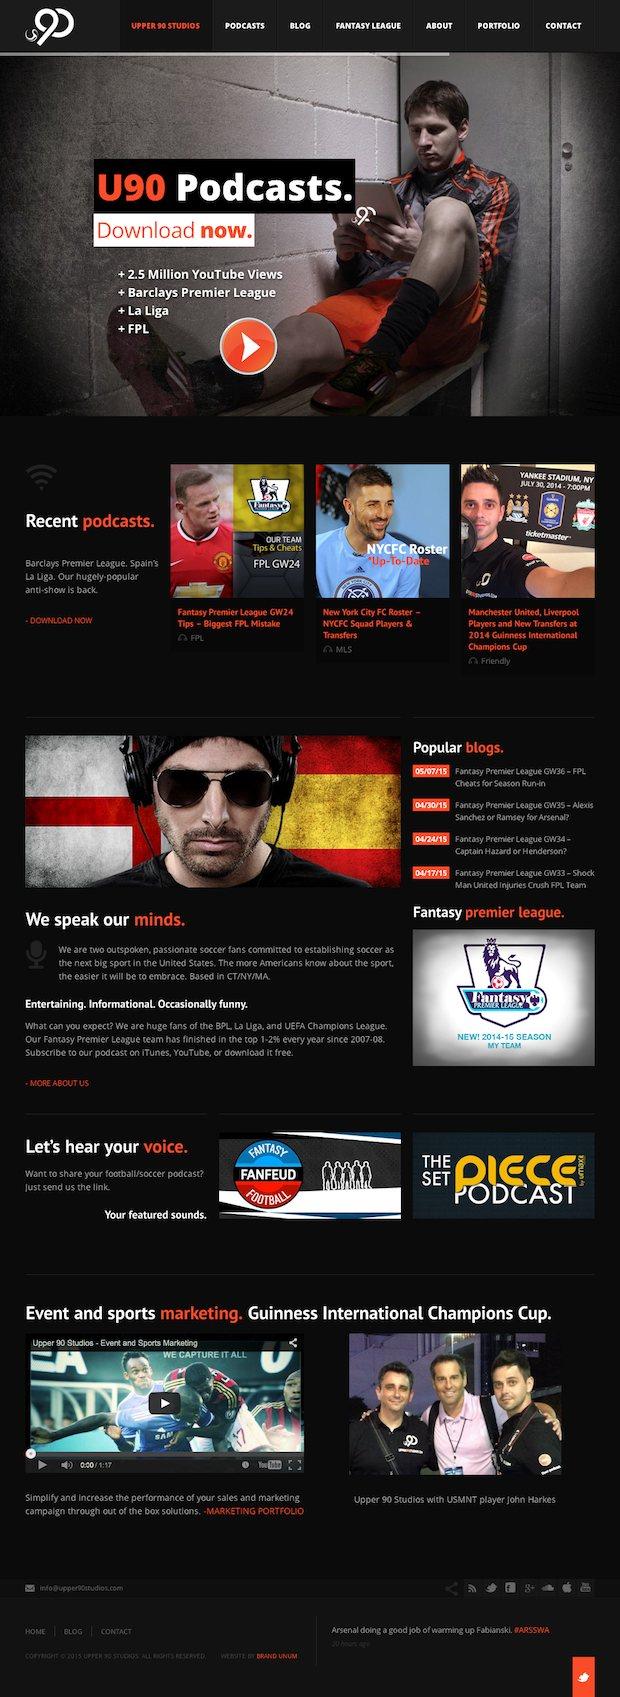 Brand Unum Portfolio - Upper 90 Studios Website